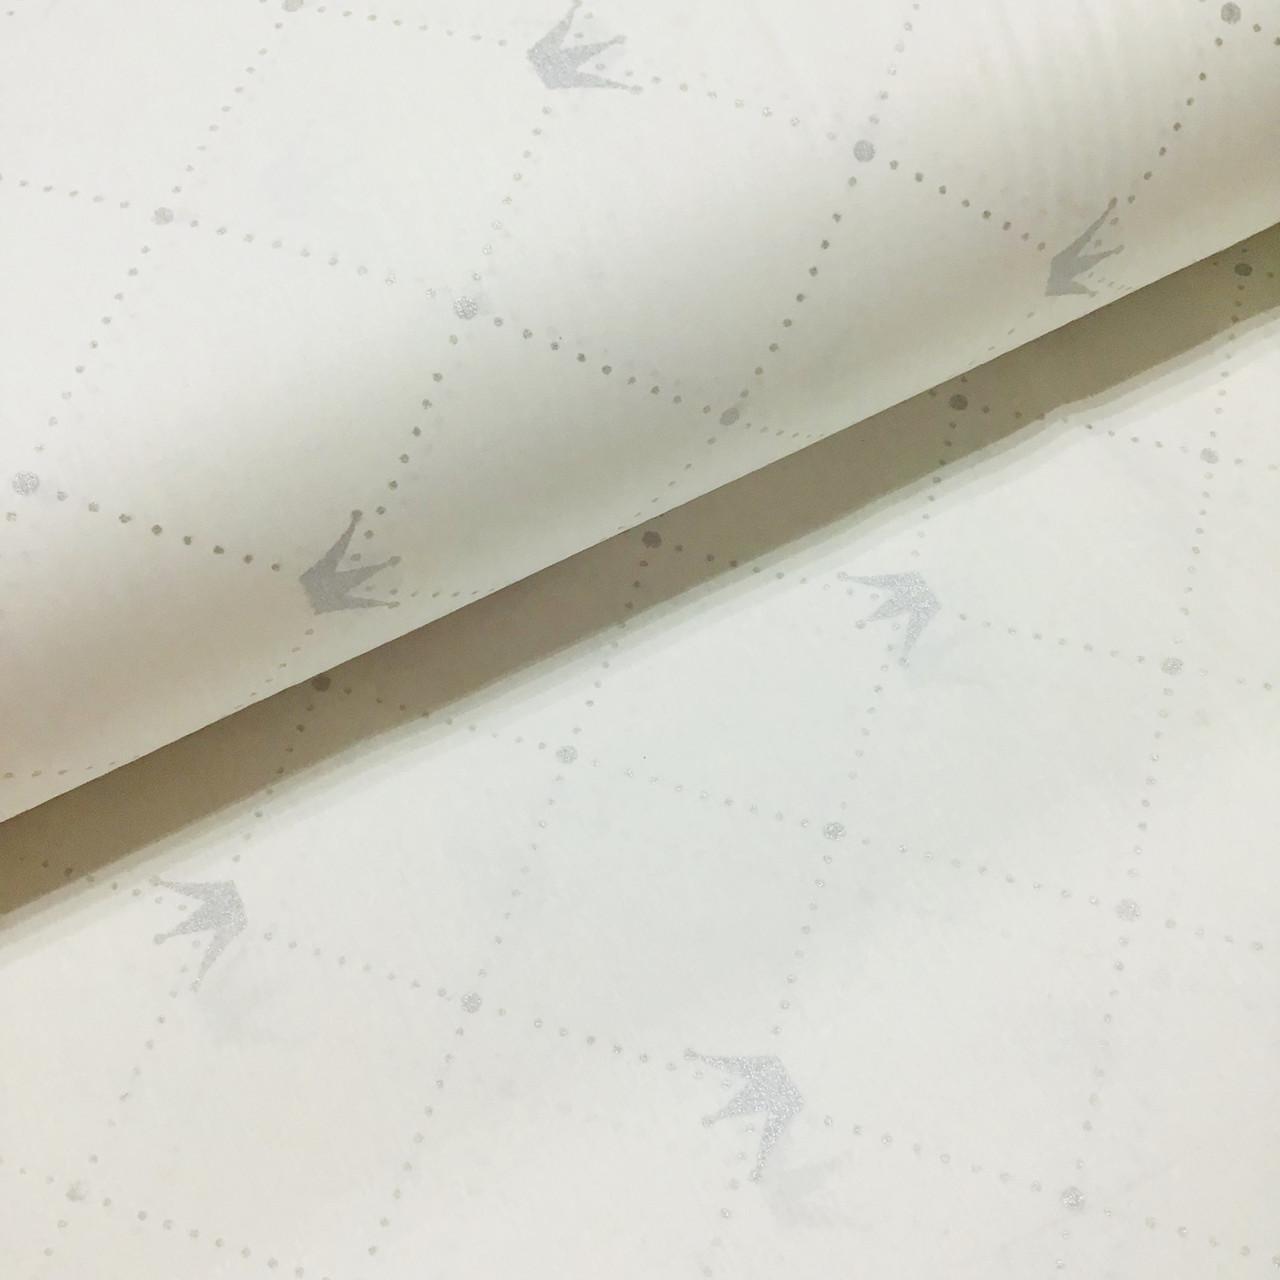 Ткань поплин короны с точечками серые на белом (ТУРЦИЯ шир. 2,4 м) №33-157 ОТРЕЗ (0,95*2,4) УЦЕНКА